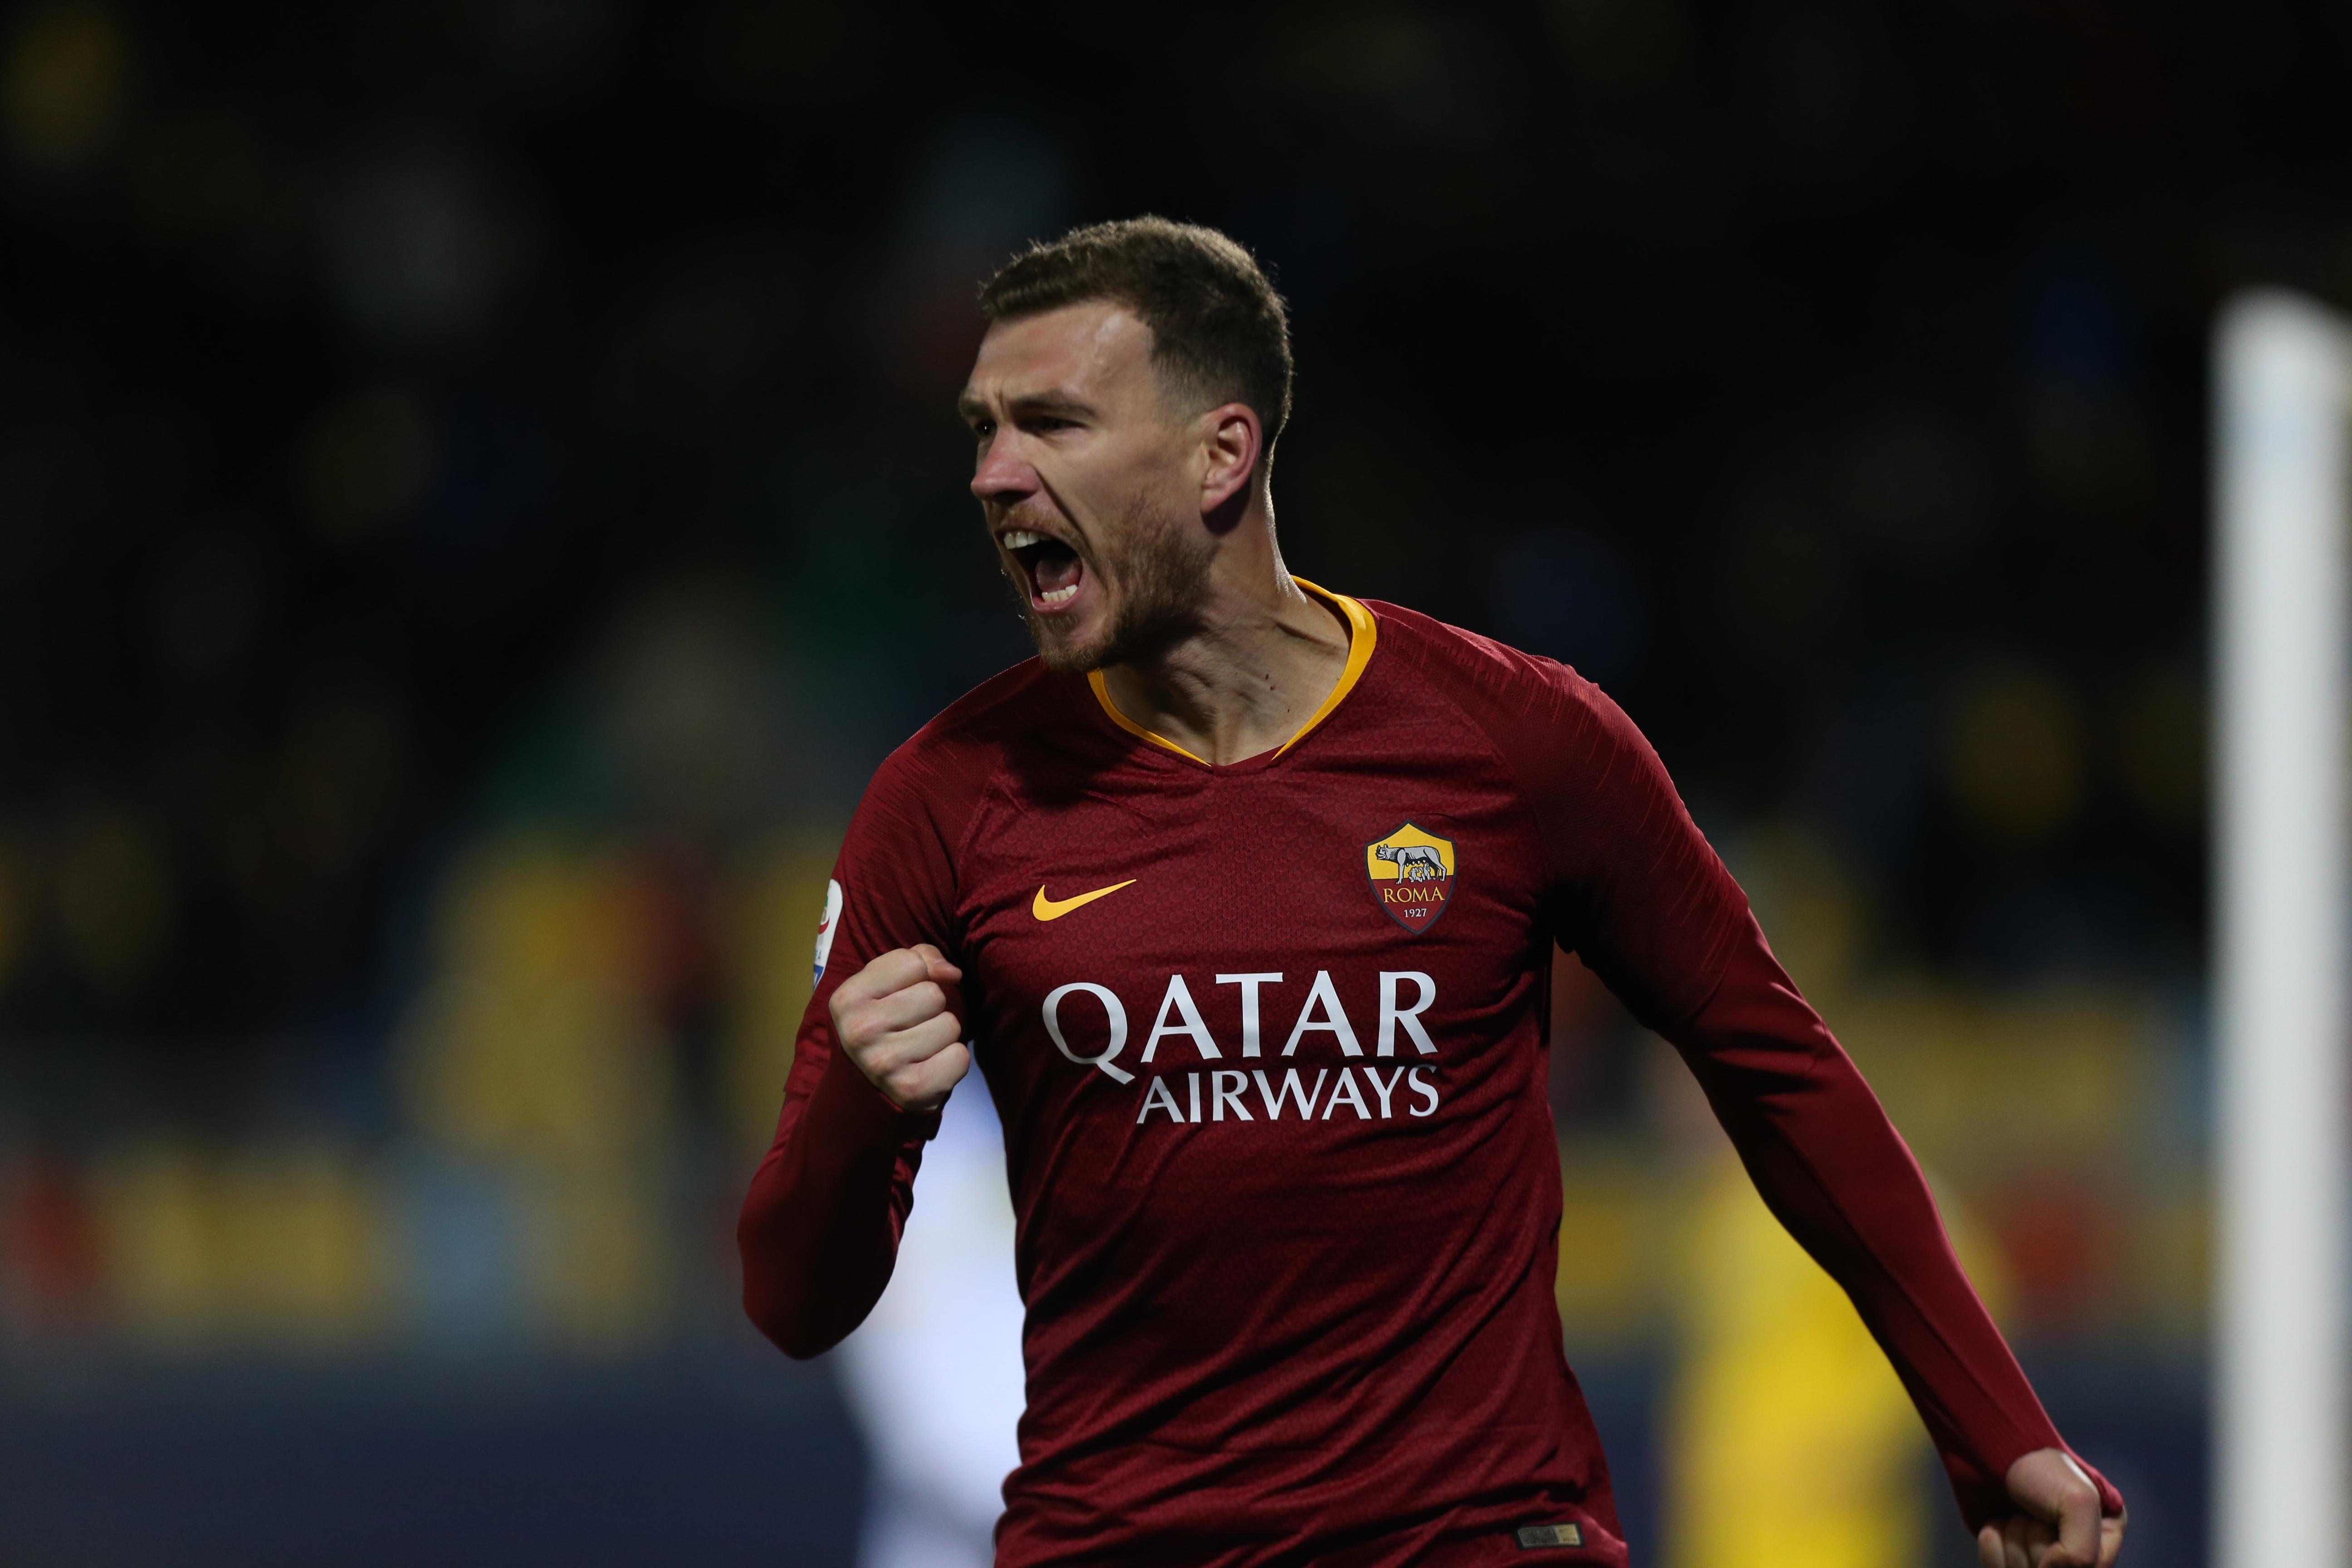 Трансферът на Един Джеко от Рома в Интер се очаква